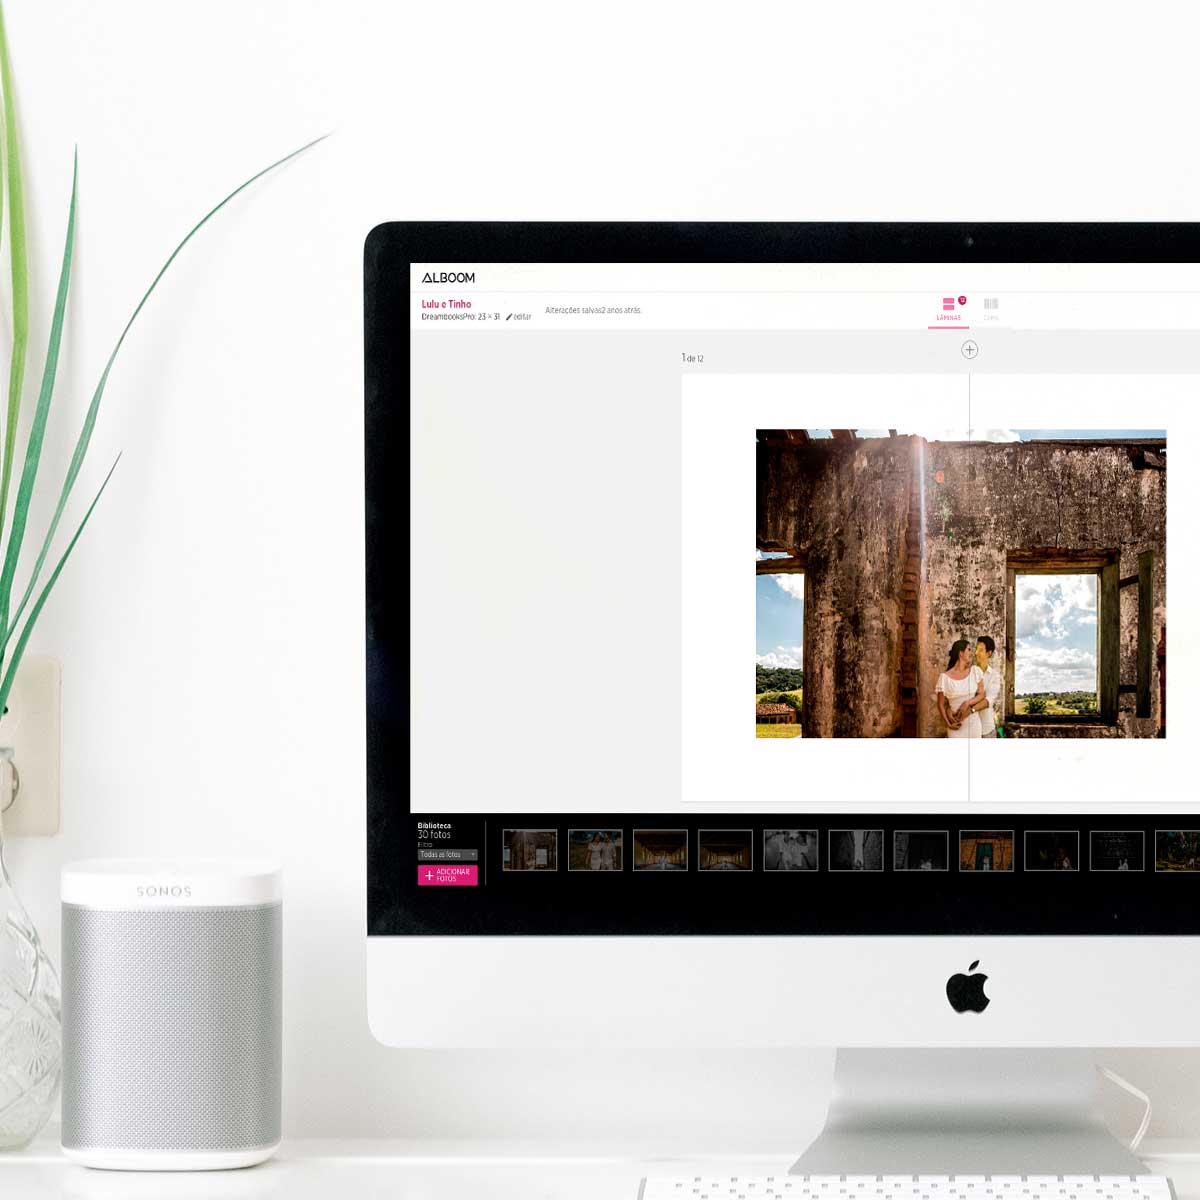 Diagramacao-de-albuns-alboom-designbox